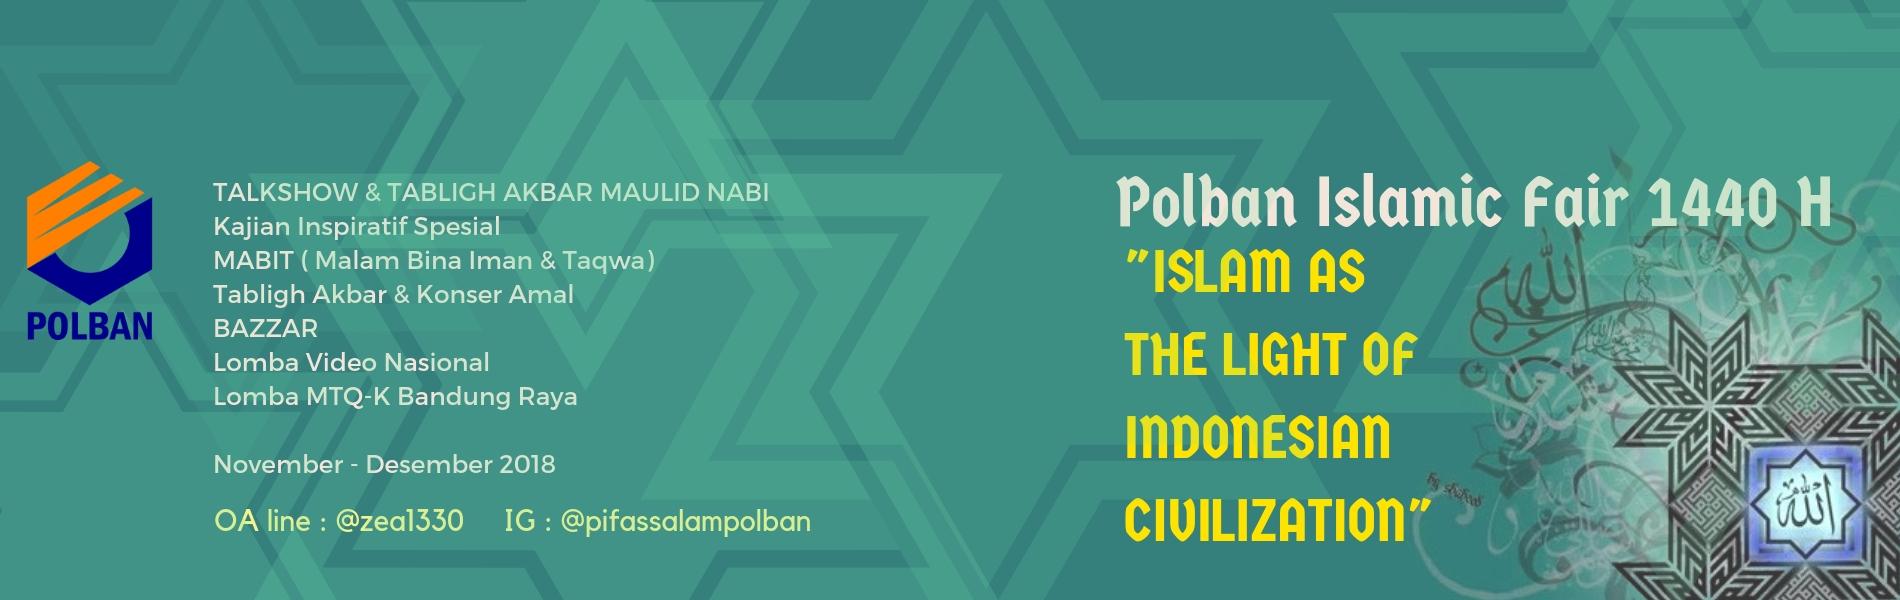 POLBAN ISLAMIC FAIR